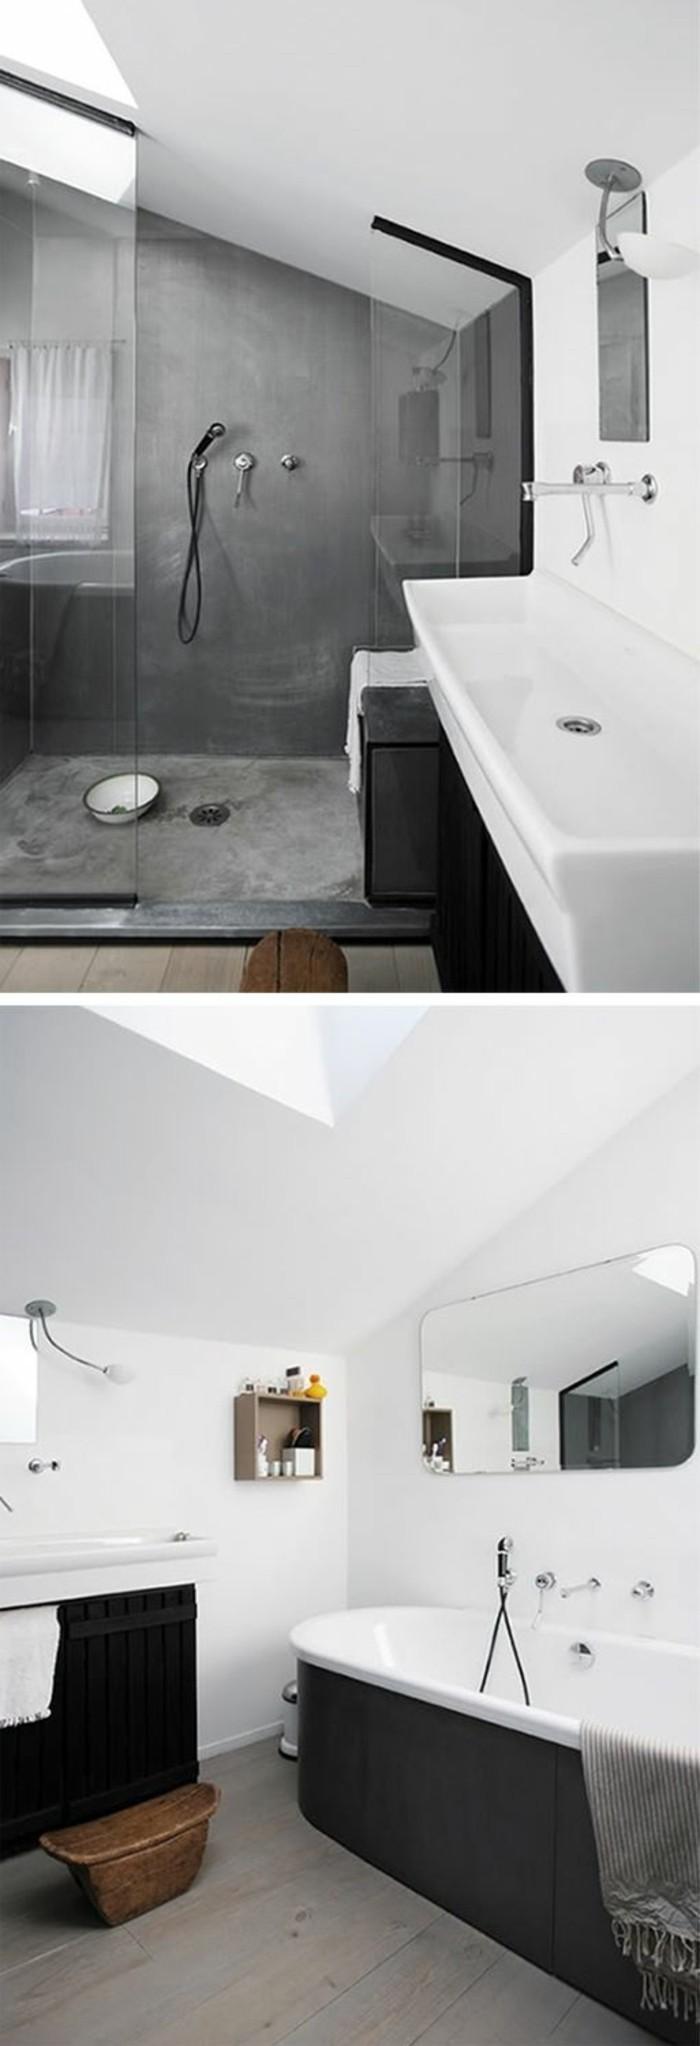 salle-de-bain-noir-et-blanc-modeles-salles-de-bain-gris-blanc-noir-meubles-salle-de-bain